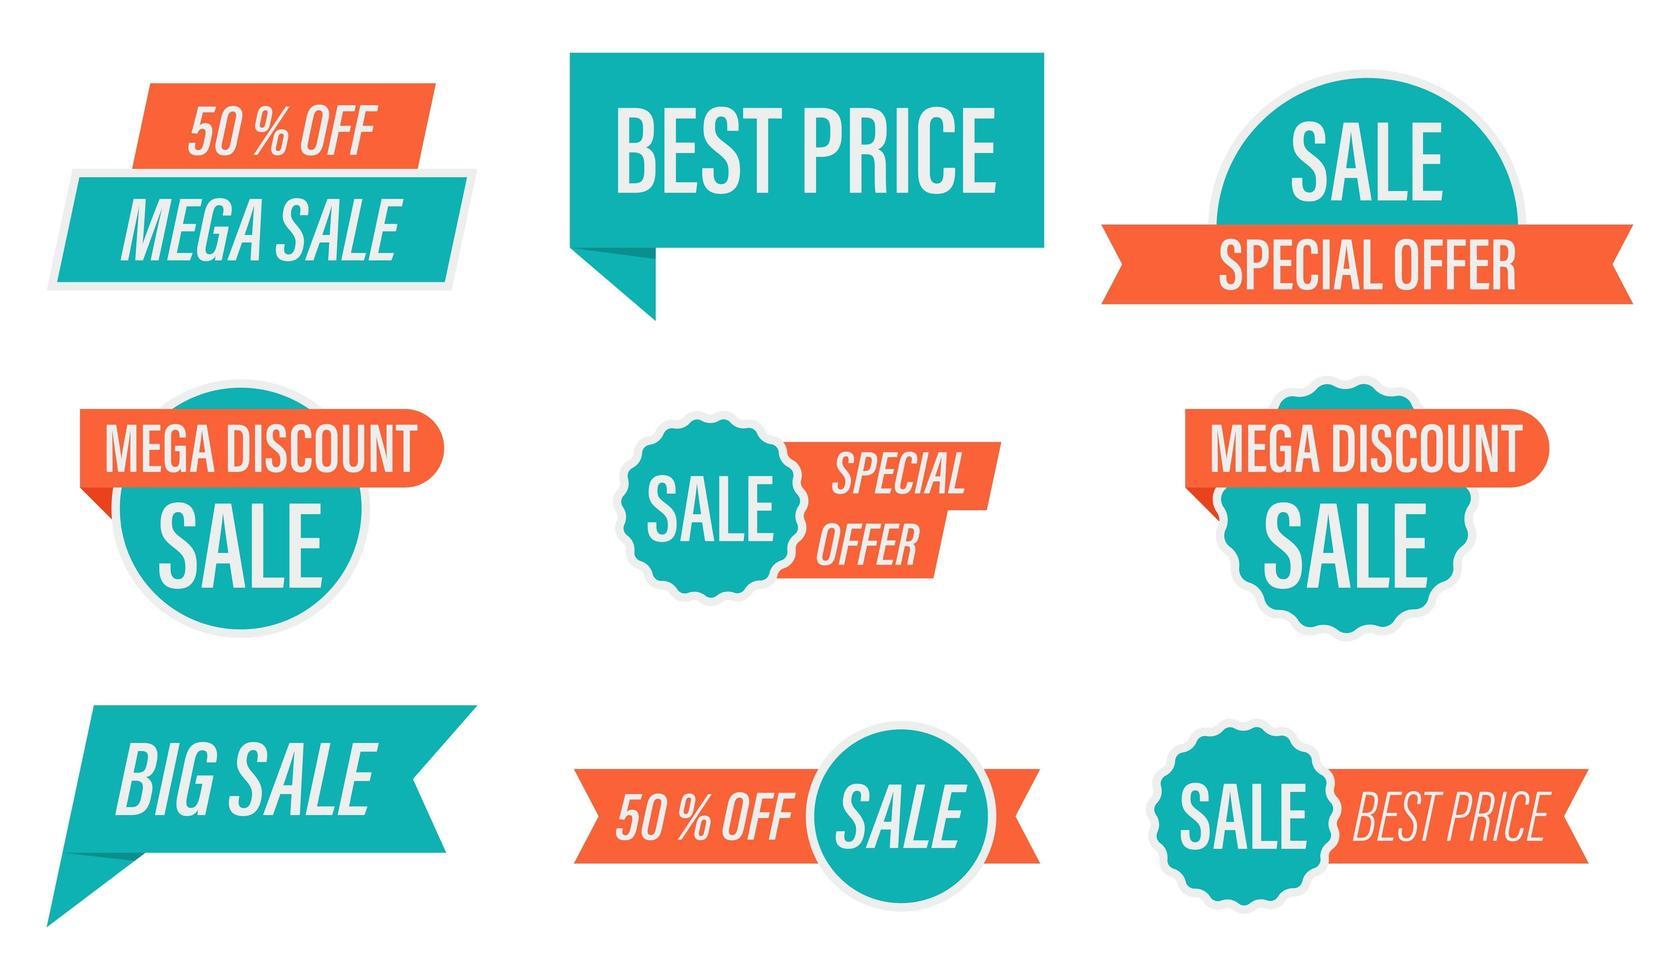 conjunto de etiquetas de venta de oferta especial verde y naranja 1437713 -  Descargar Vectores Gratis, Illustrator Graficos, Plantillas Diseño